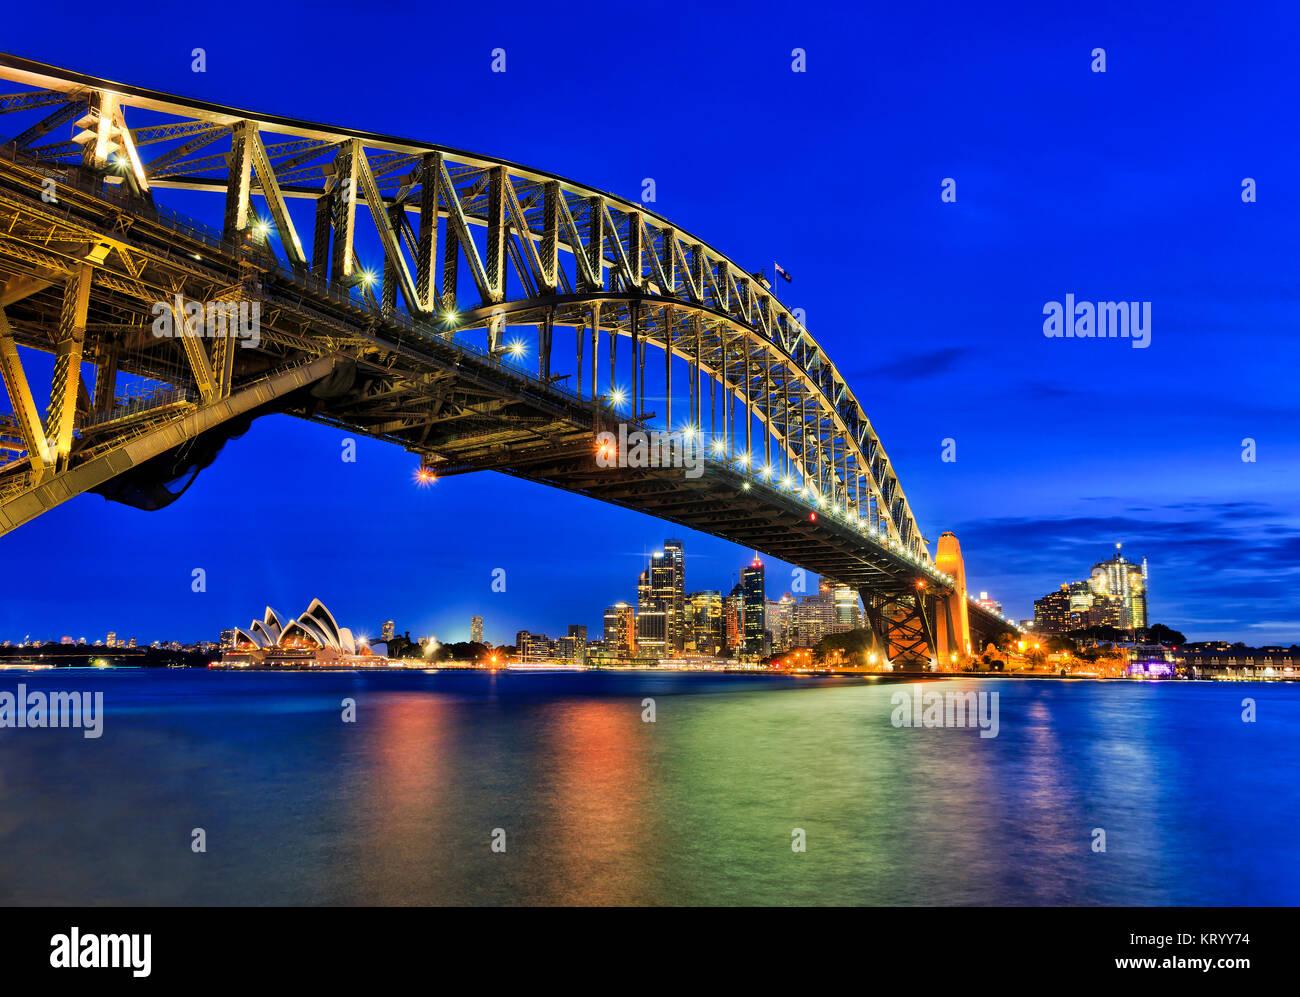 Vista laterale del Sydney Harbour Bridge verso la città CBD, rocce e Circular Quay al tramonto in tutta sfocata Immagini Stock